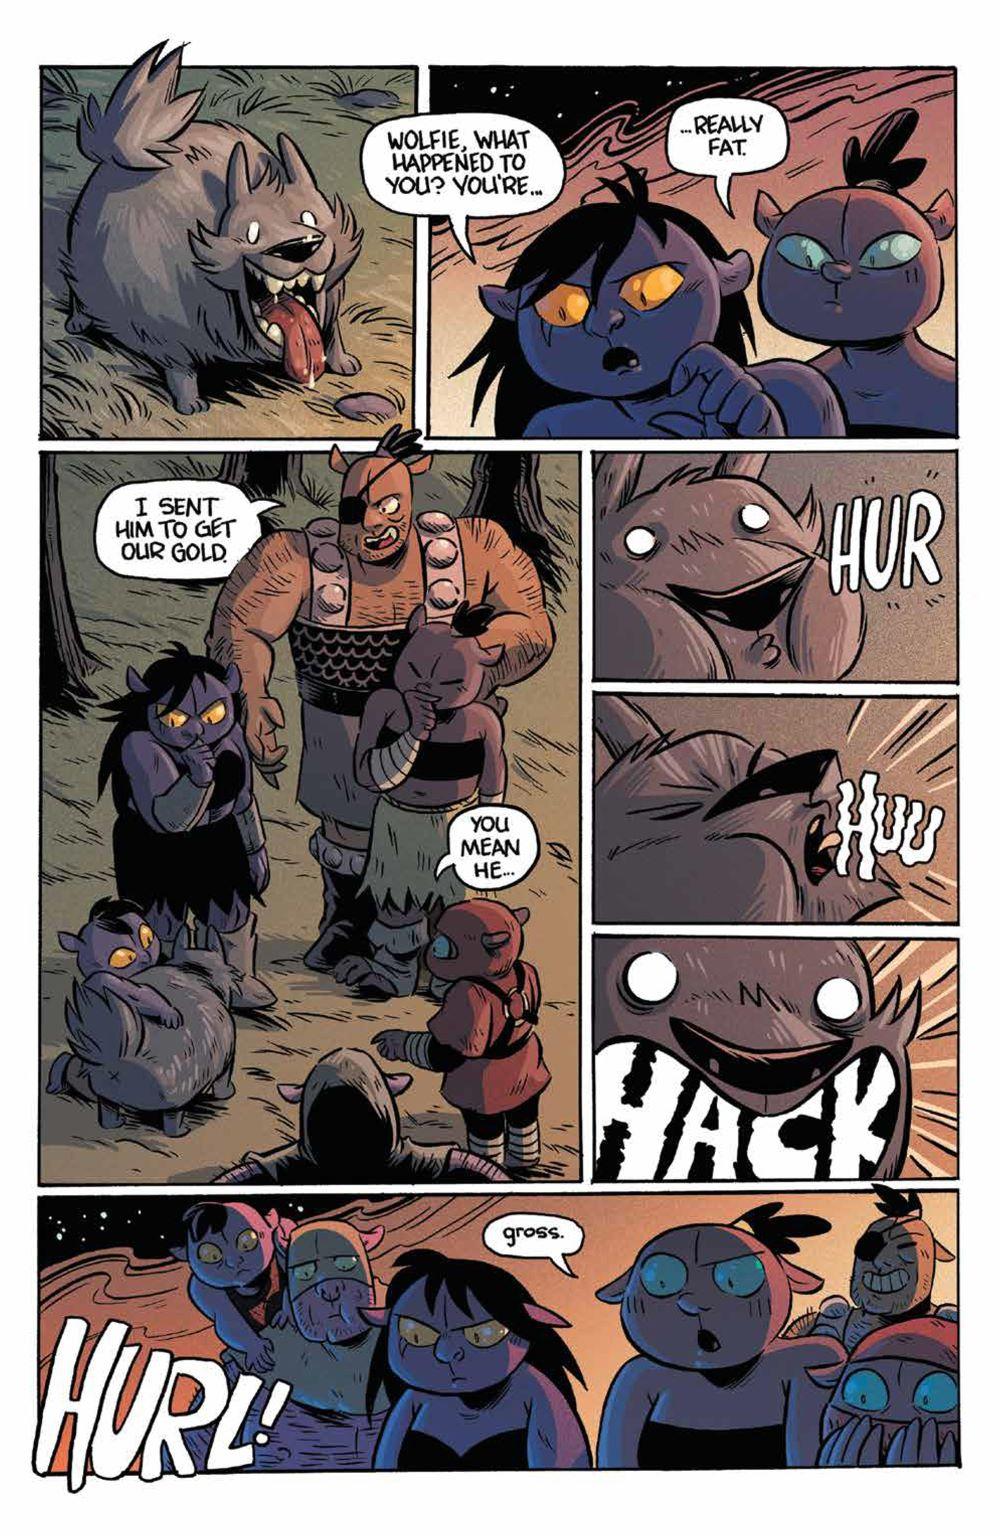 Orcs_003_PRESS_4 ComicList Previews: ORCS #3 (OF 5)